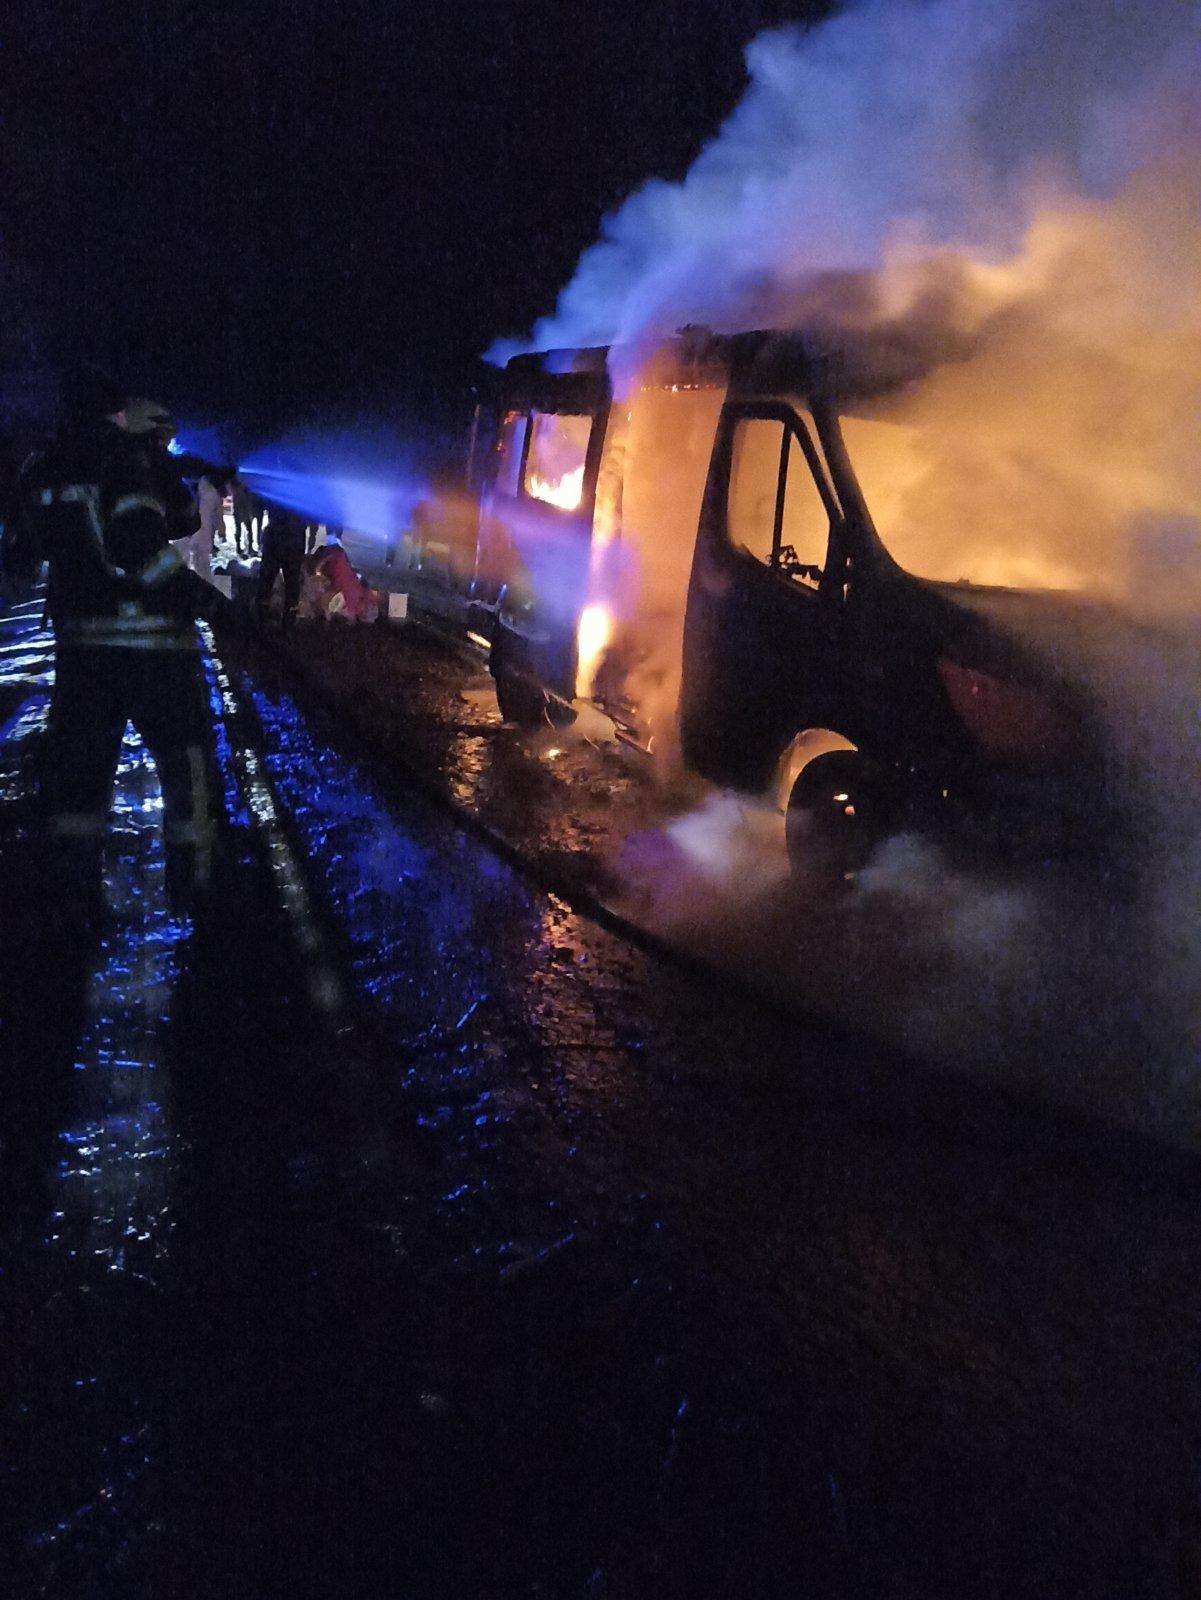 На Луганщине  во время движения загорелся автомобиль скорой помощи (фото) , фото-1